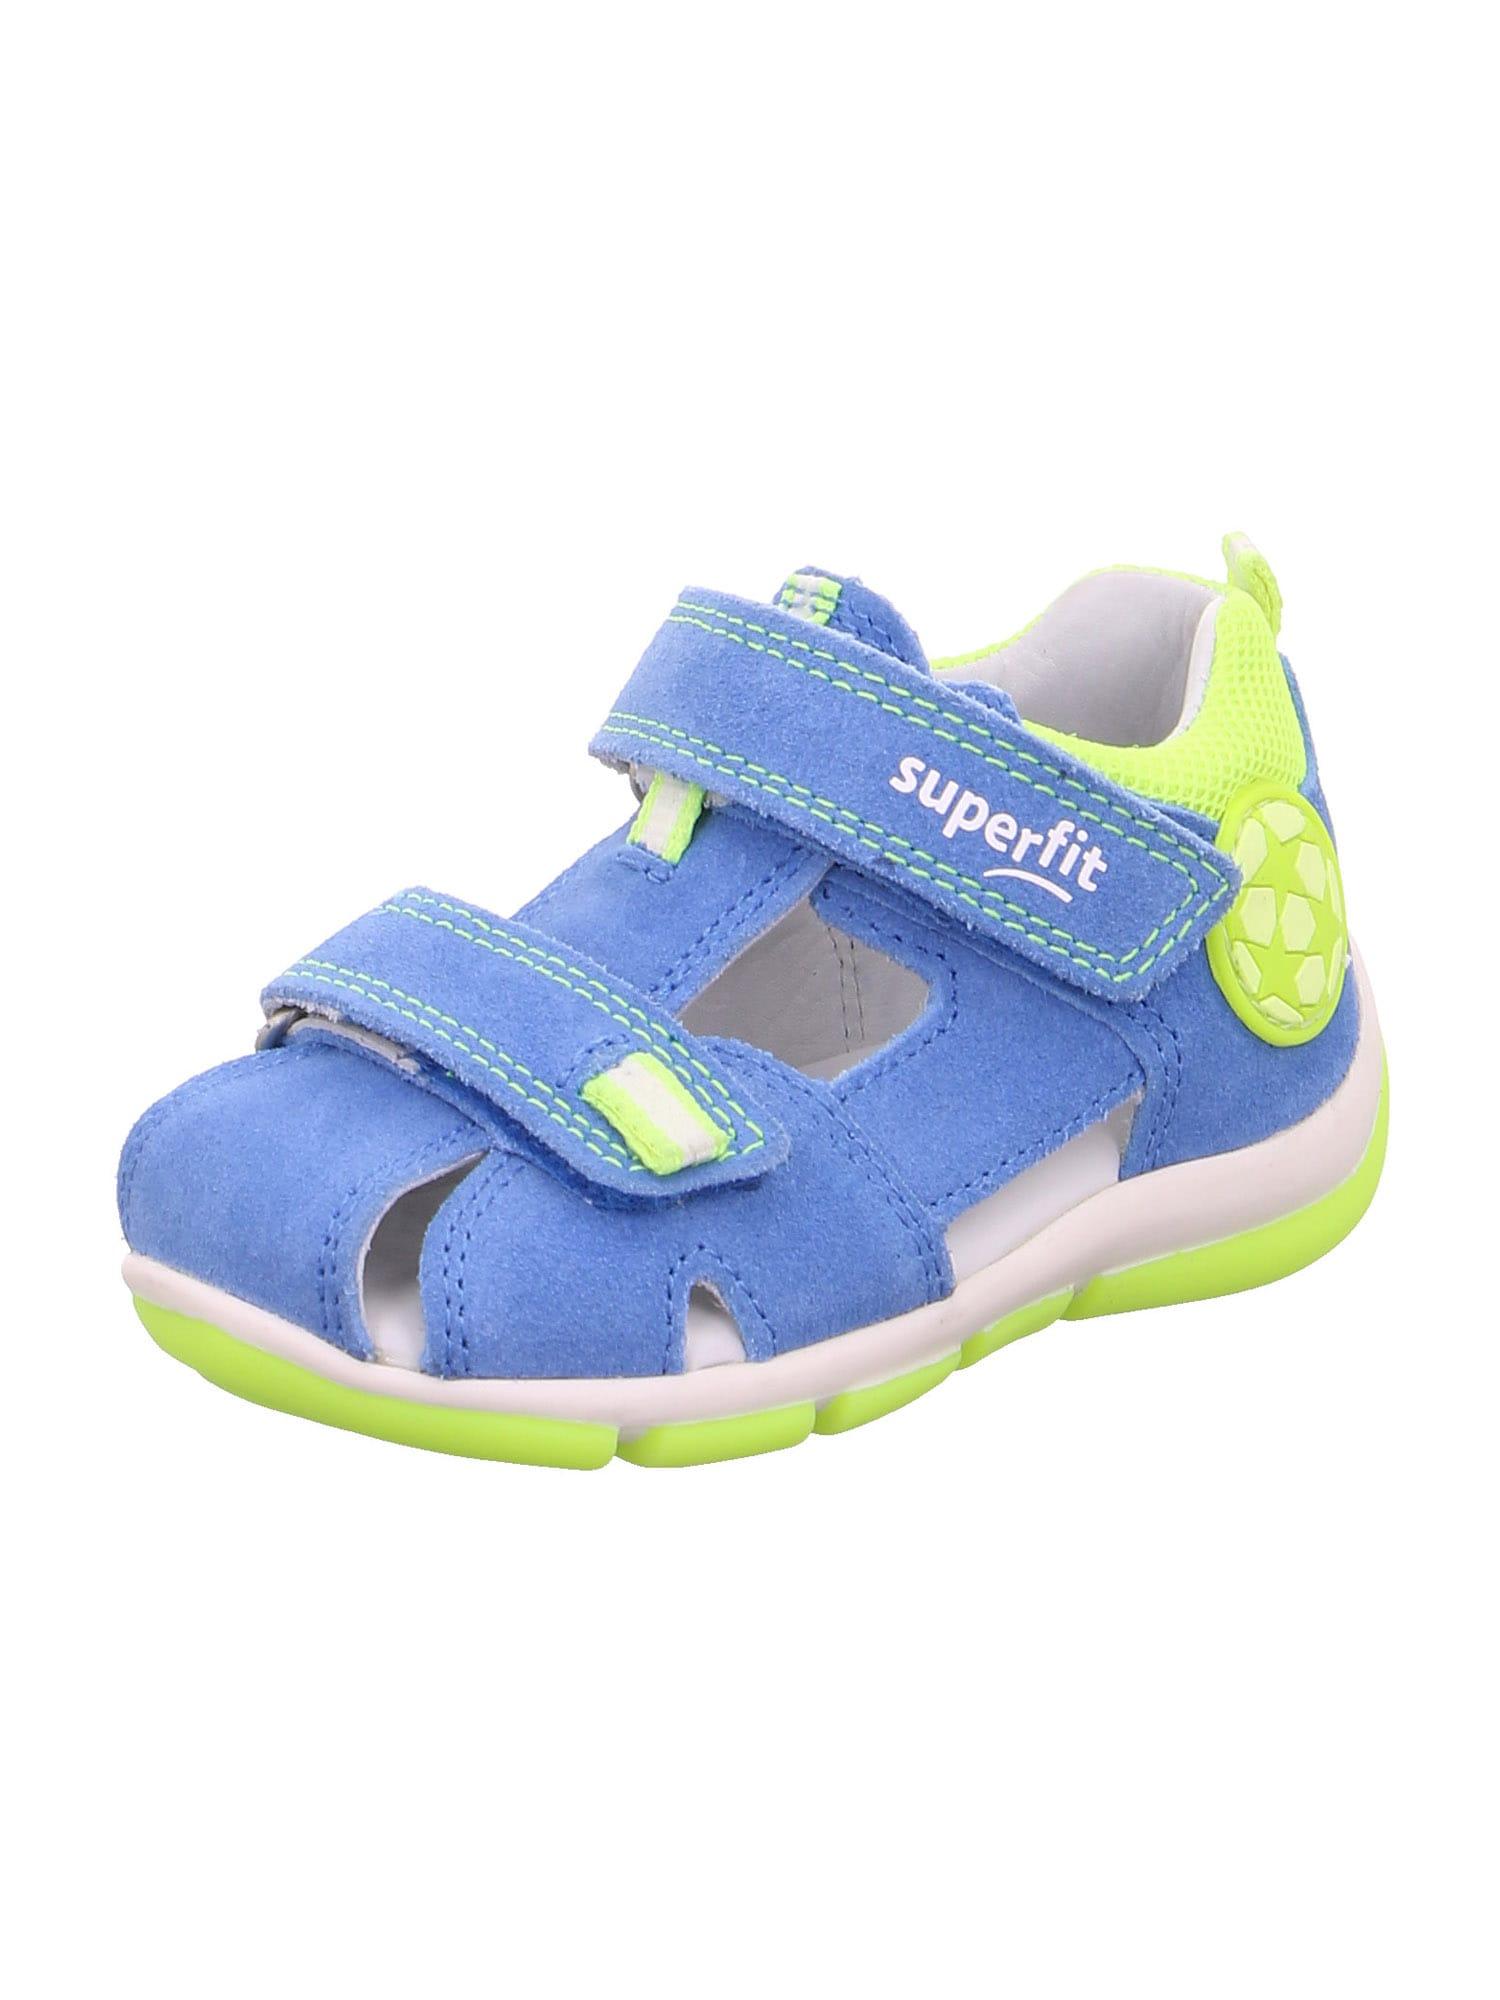 SUPERFIT Atviri batai dangaus žydra / neoninė žalia